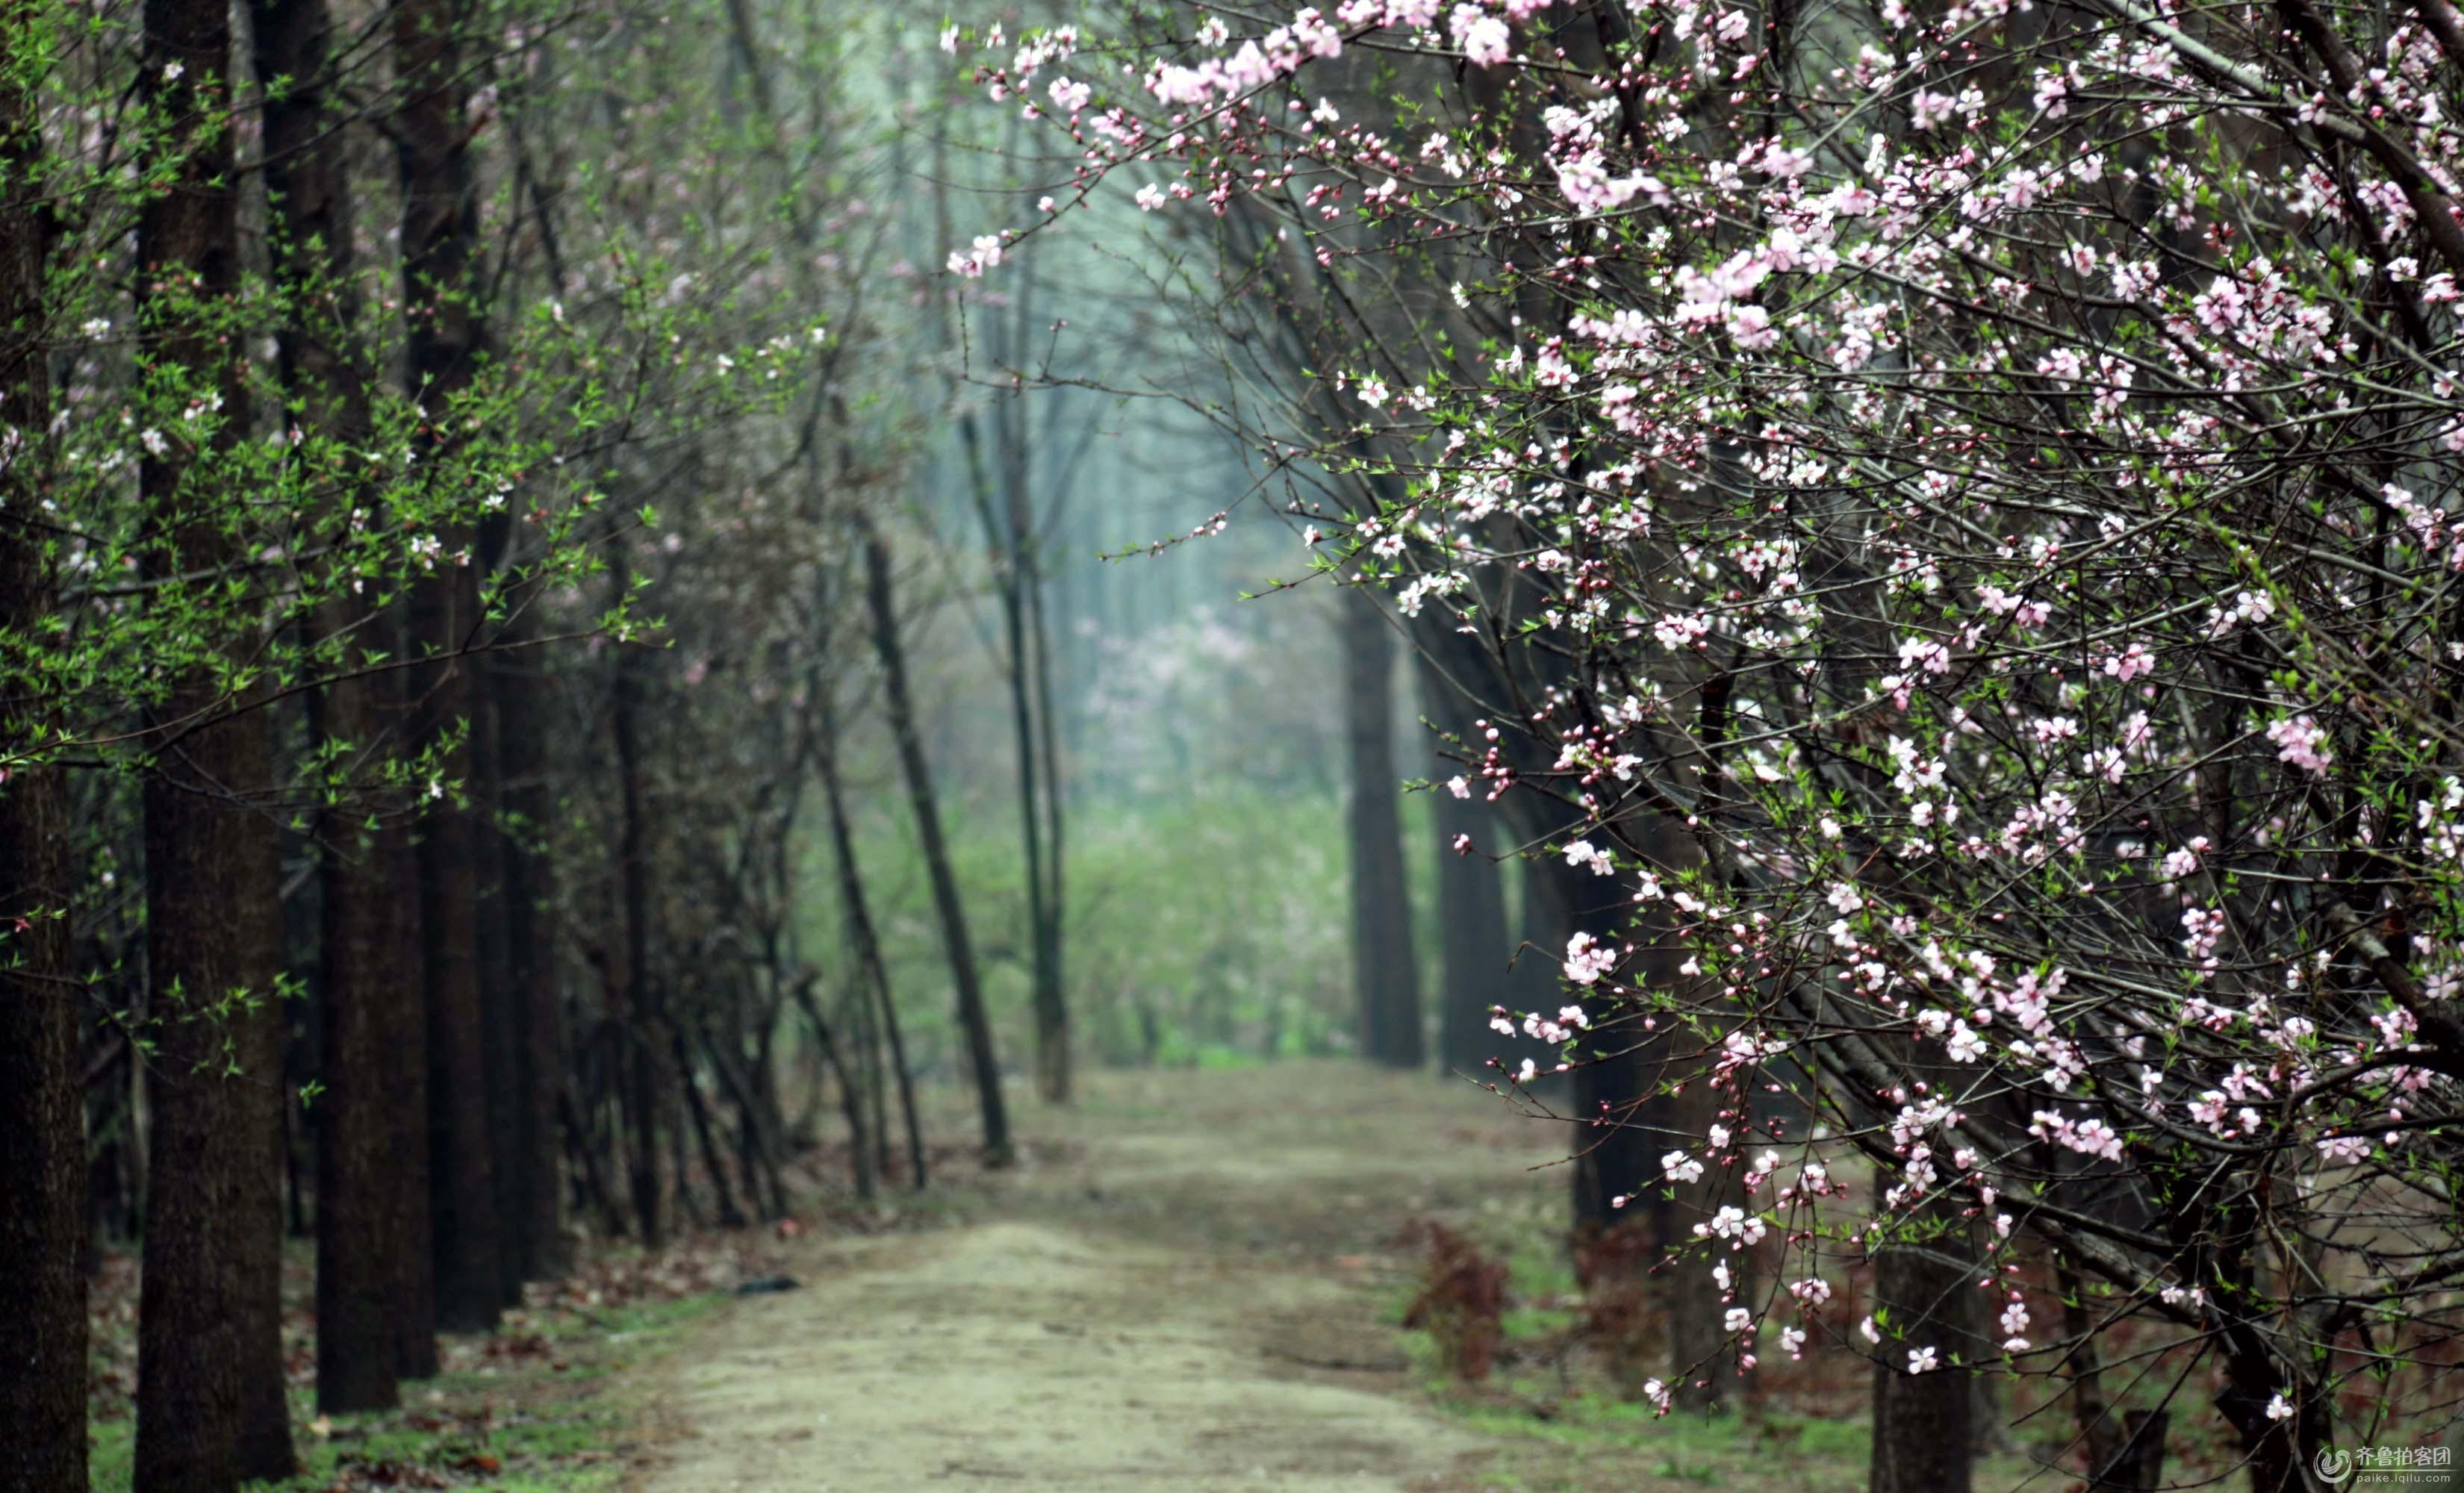 树林  分享到:qq空间新浪微博腾讯微博人人网微信qq